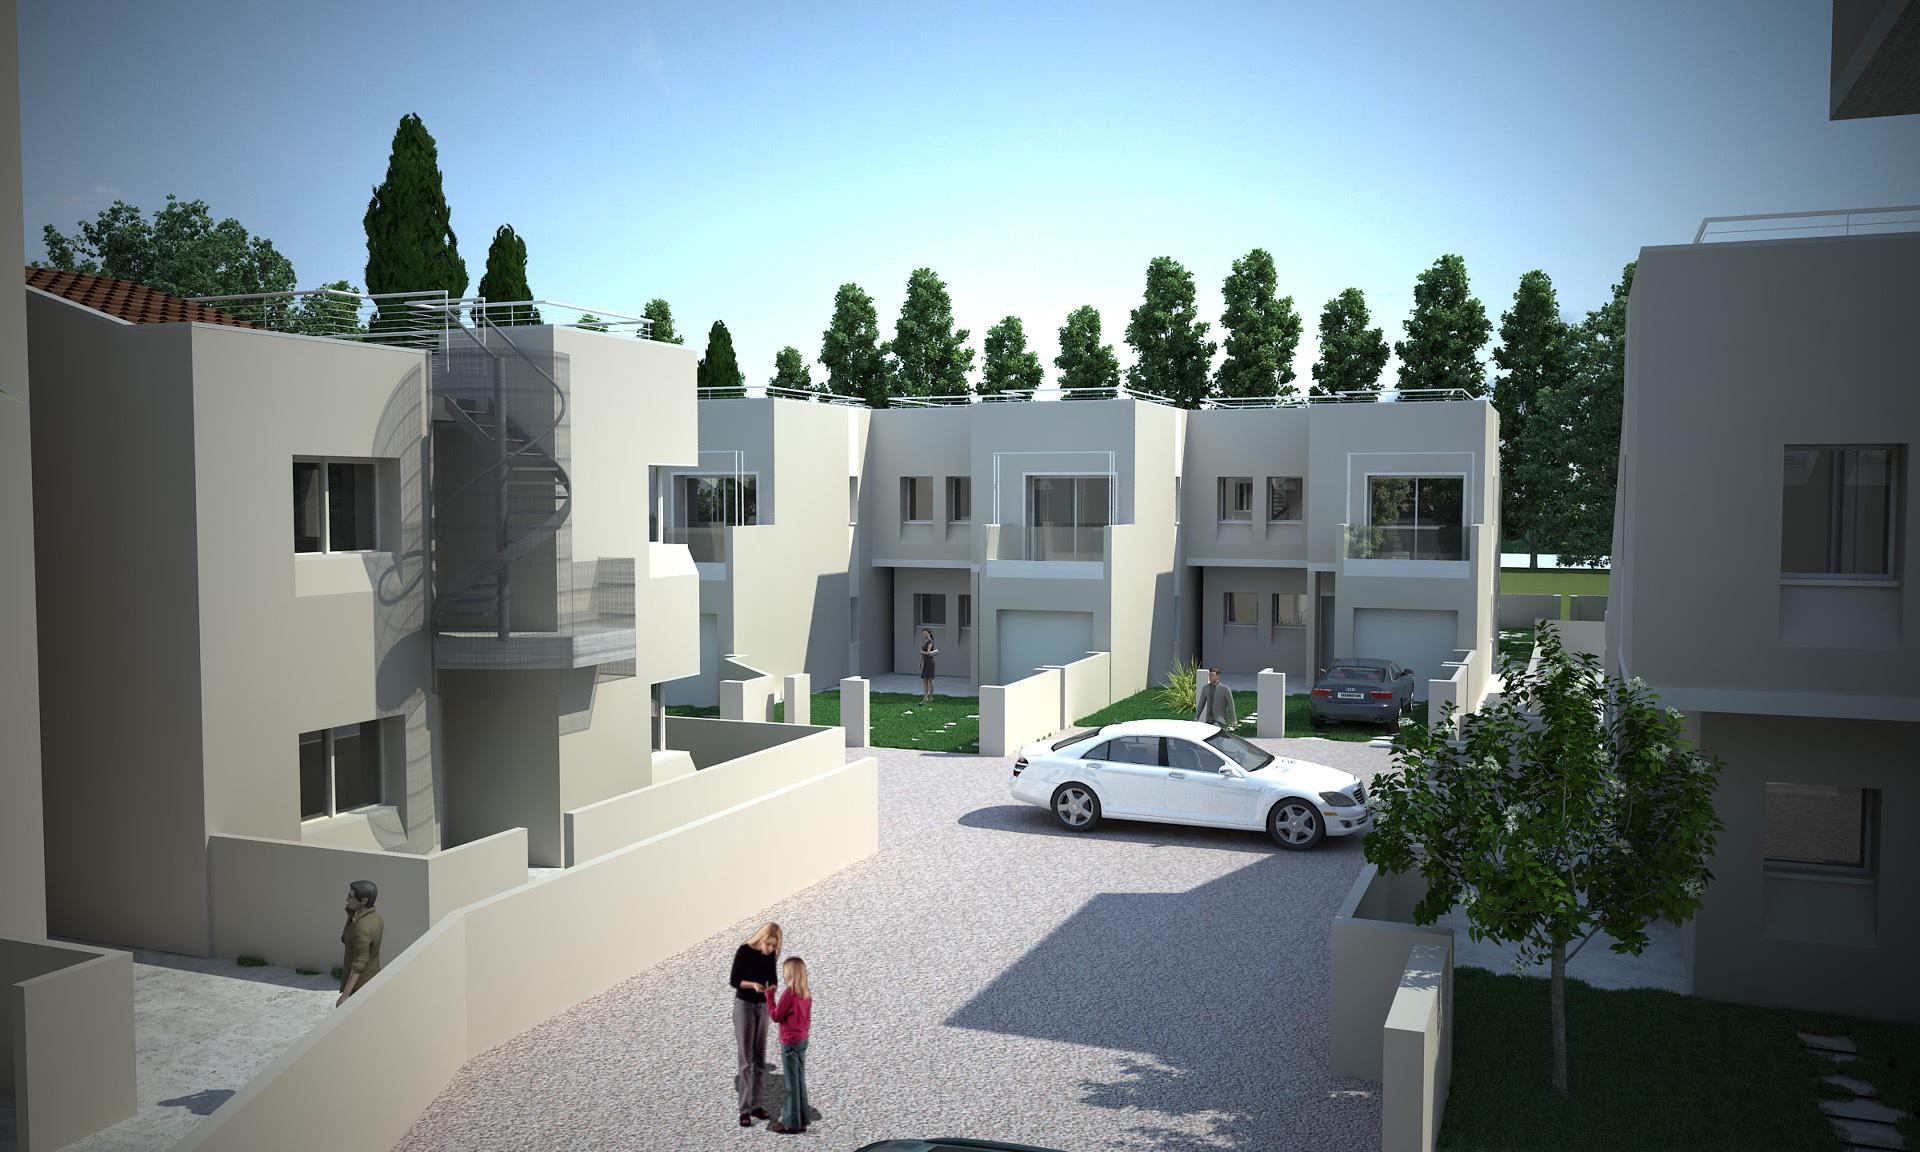 Appartamento in vendita a Cavallino-Treporti, 4 locali, prezzo € 150.000 | CambioCasa.it